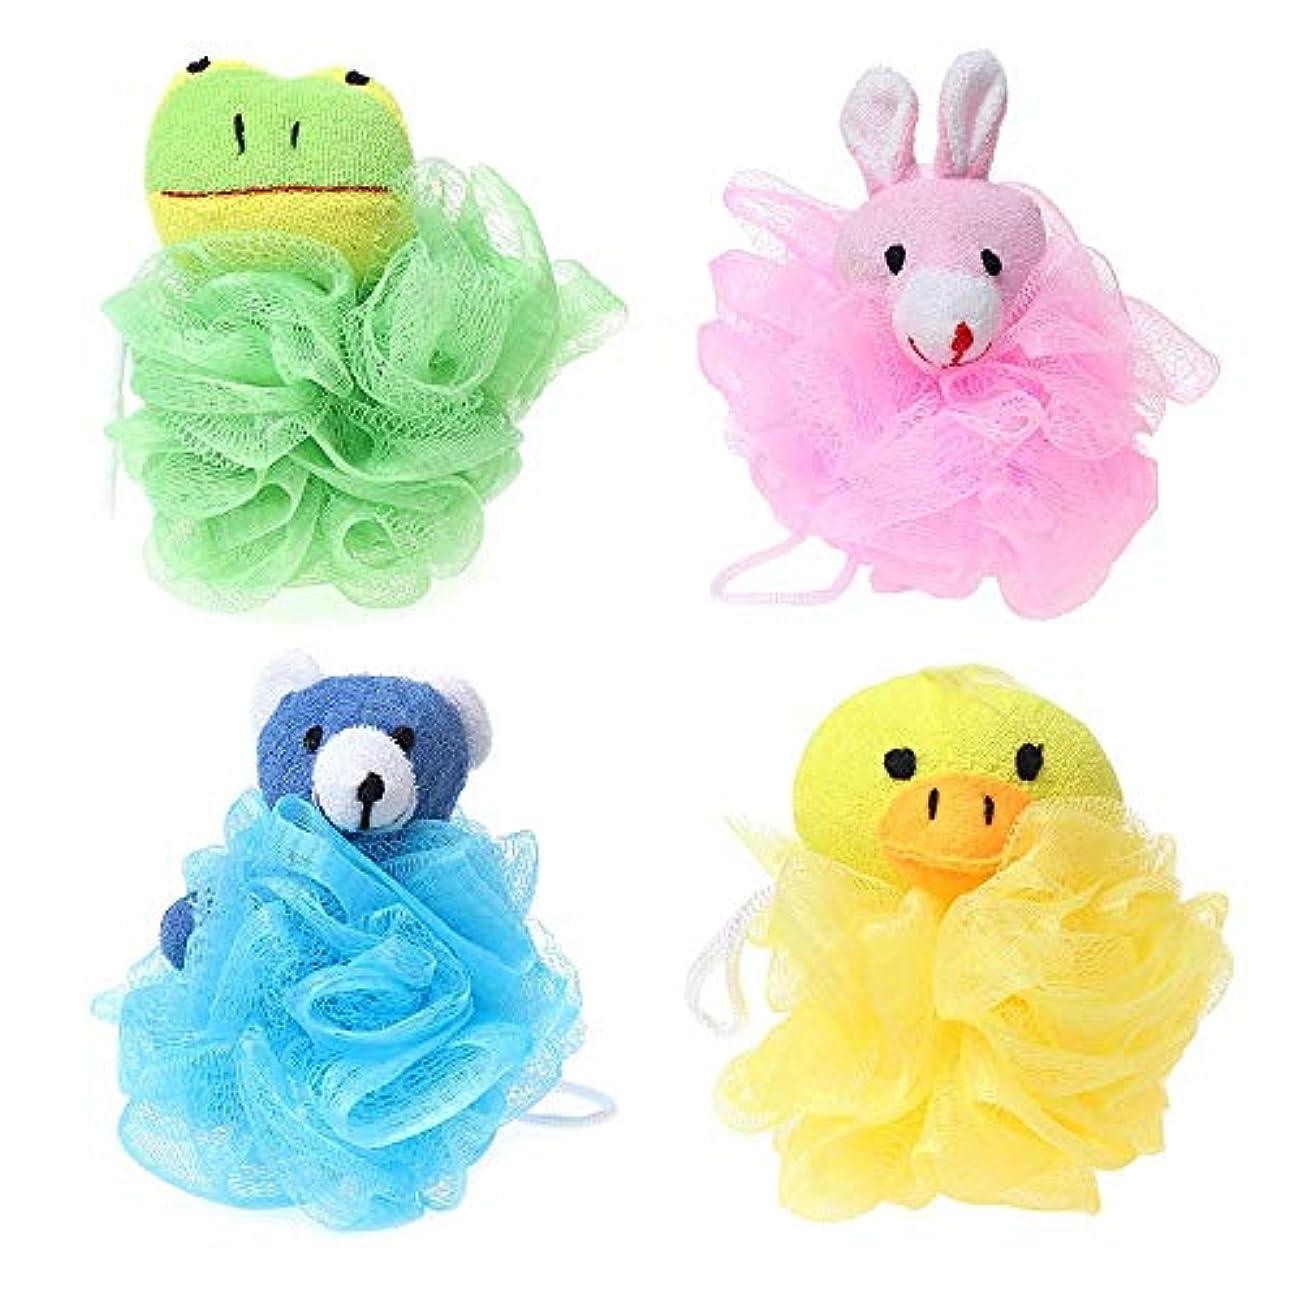 によって調整インターネットXigeapg 子供用おもちゃクッションパフメッシュぬいぐるみ付き(4パック)カエル、アヒル、ウサギ、クマ